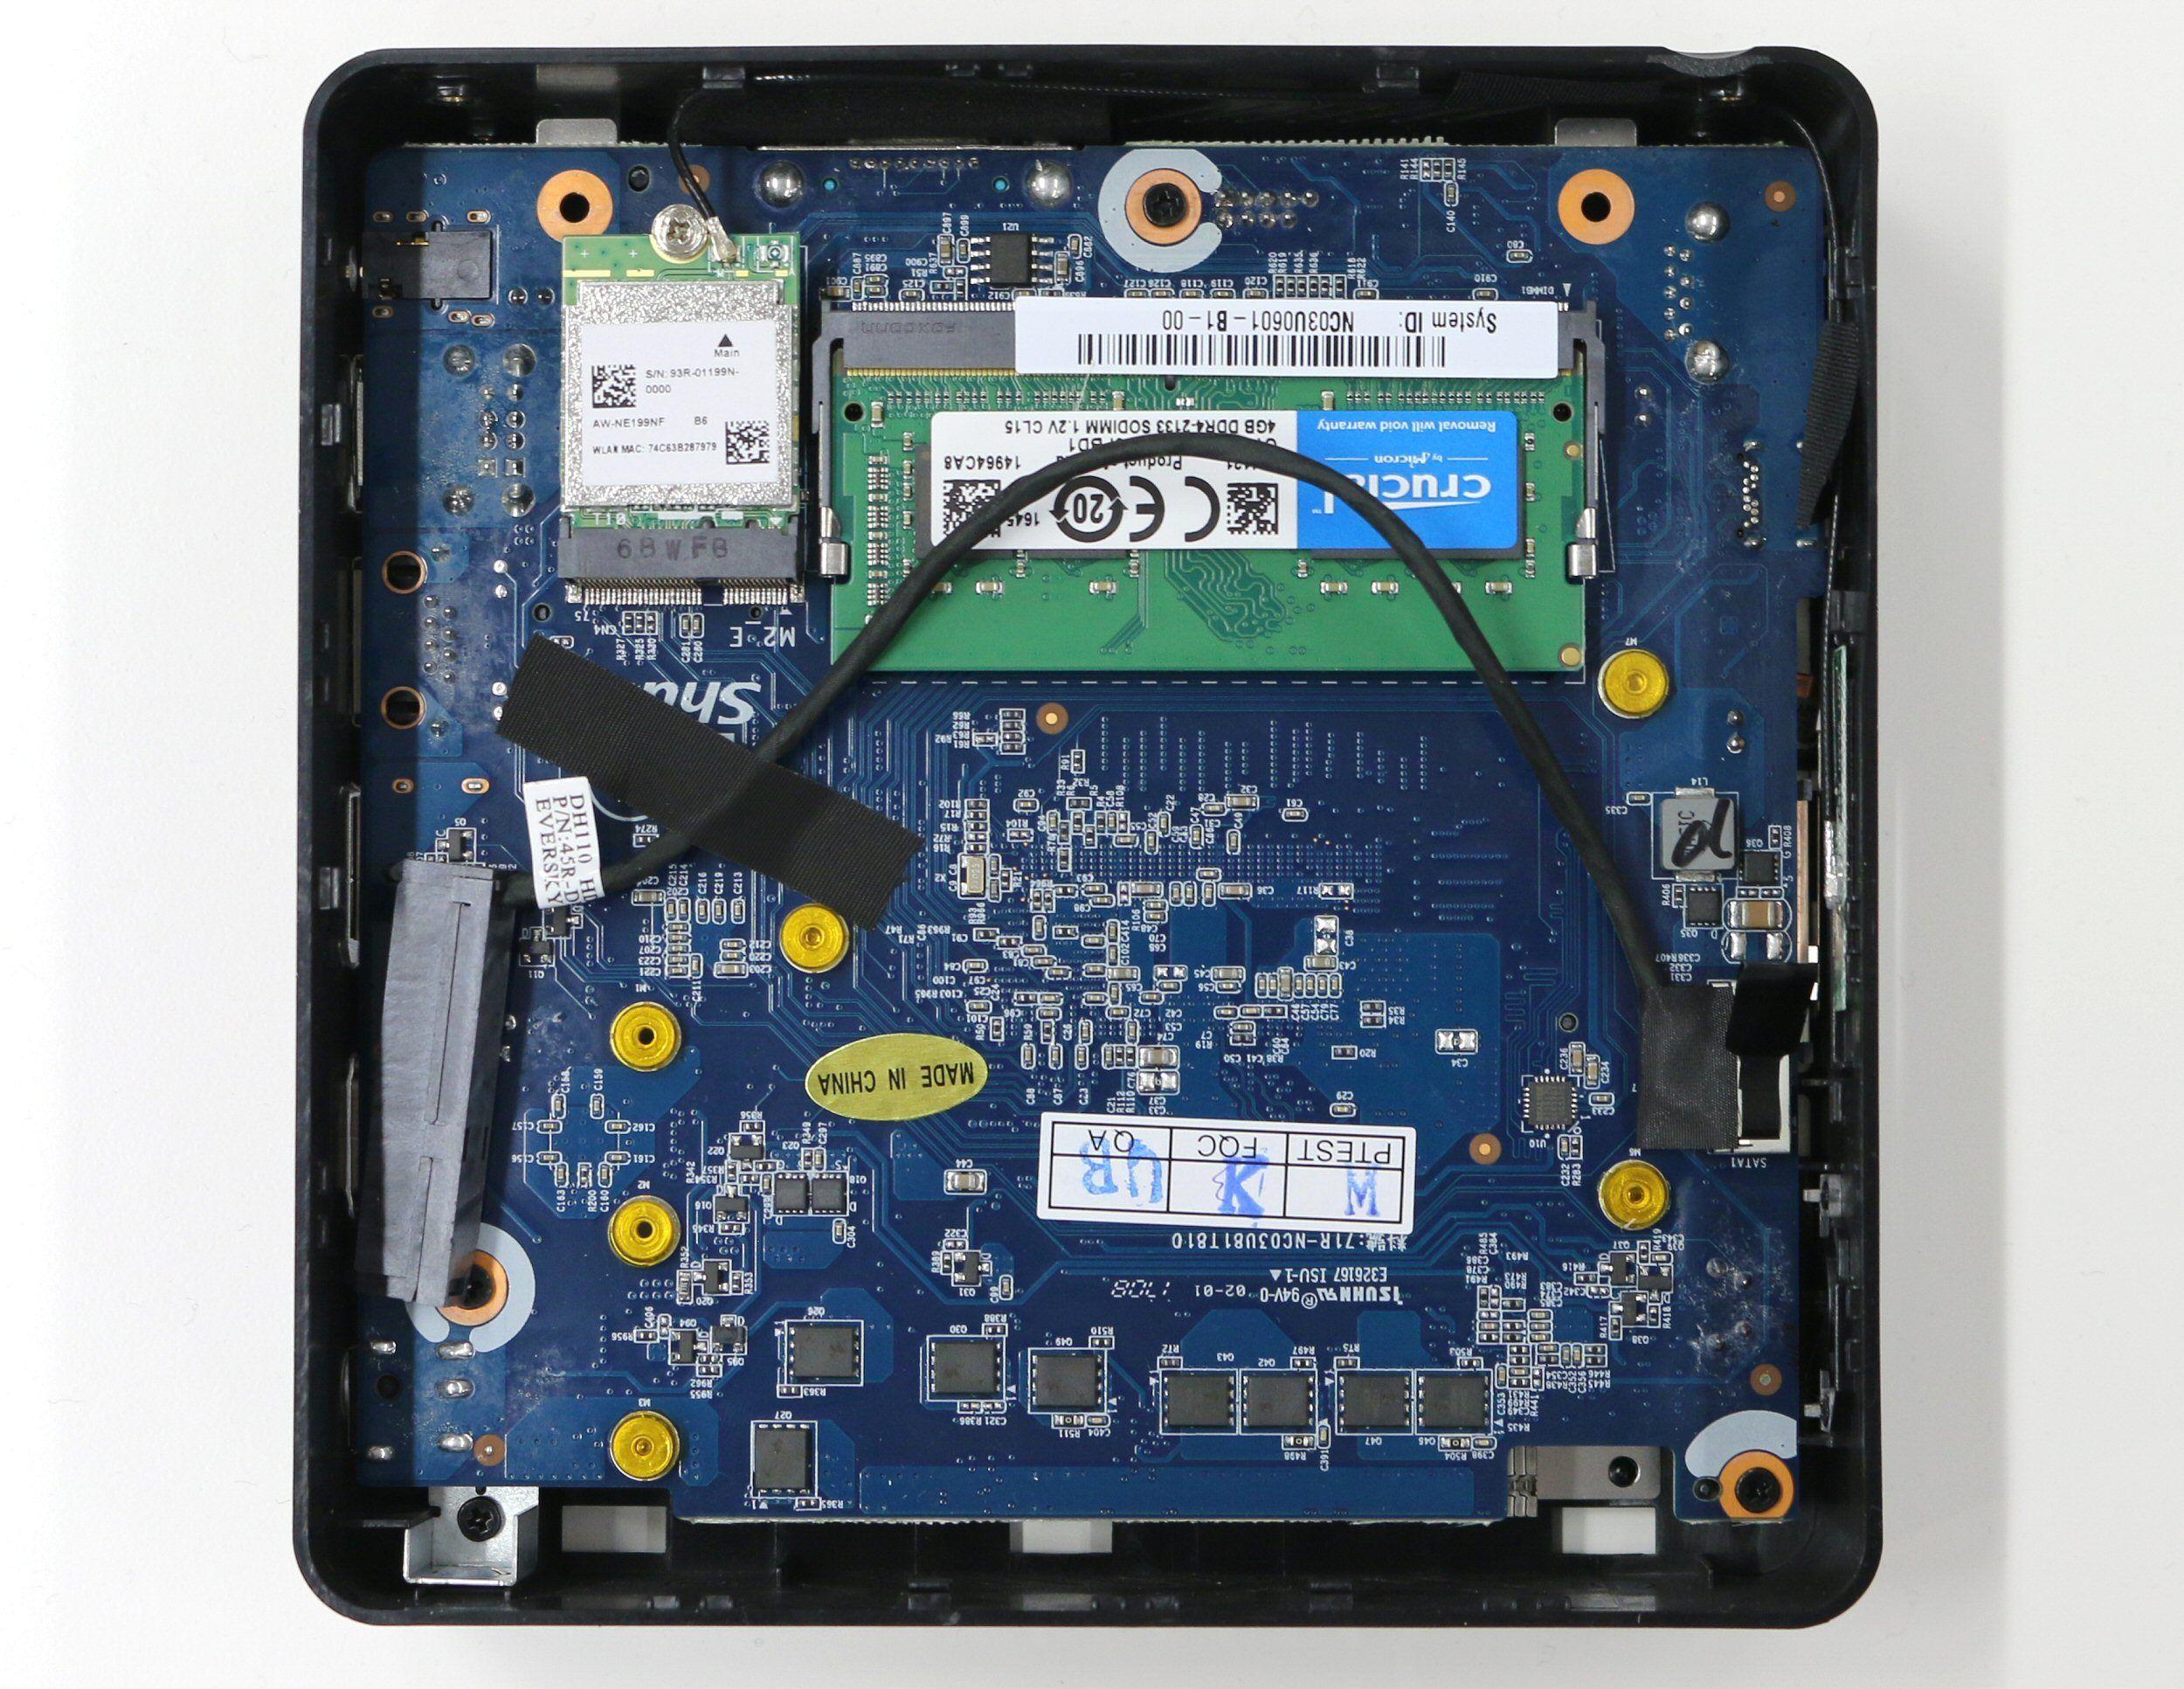 Innvendig er det plass til en 2,5-tommers disk på opptil 15 millimeters høyde.